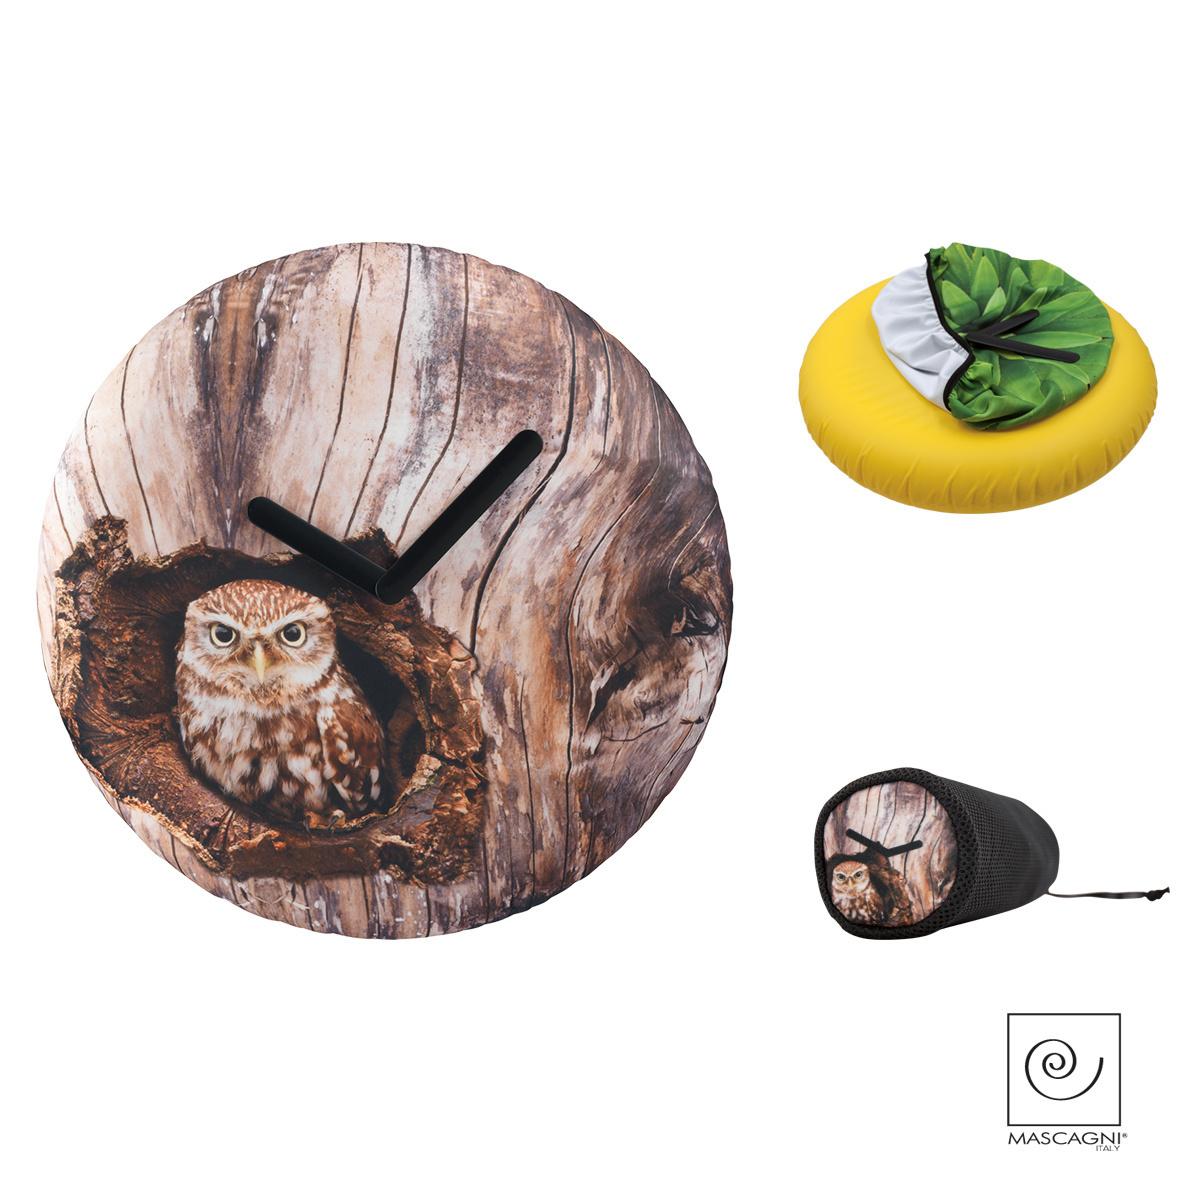 Art Mascagni M567 INFLATABLE CLOCK DIAM.50